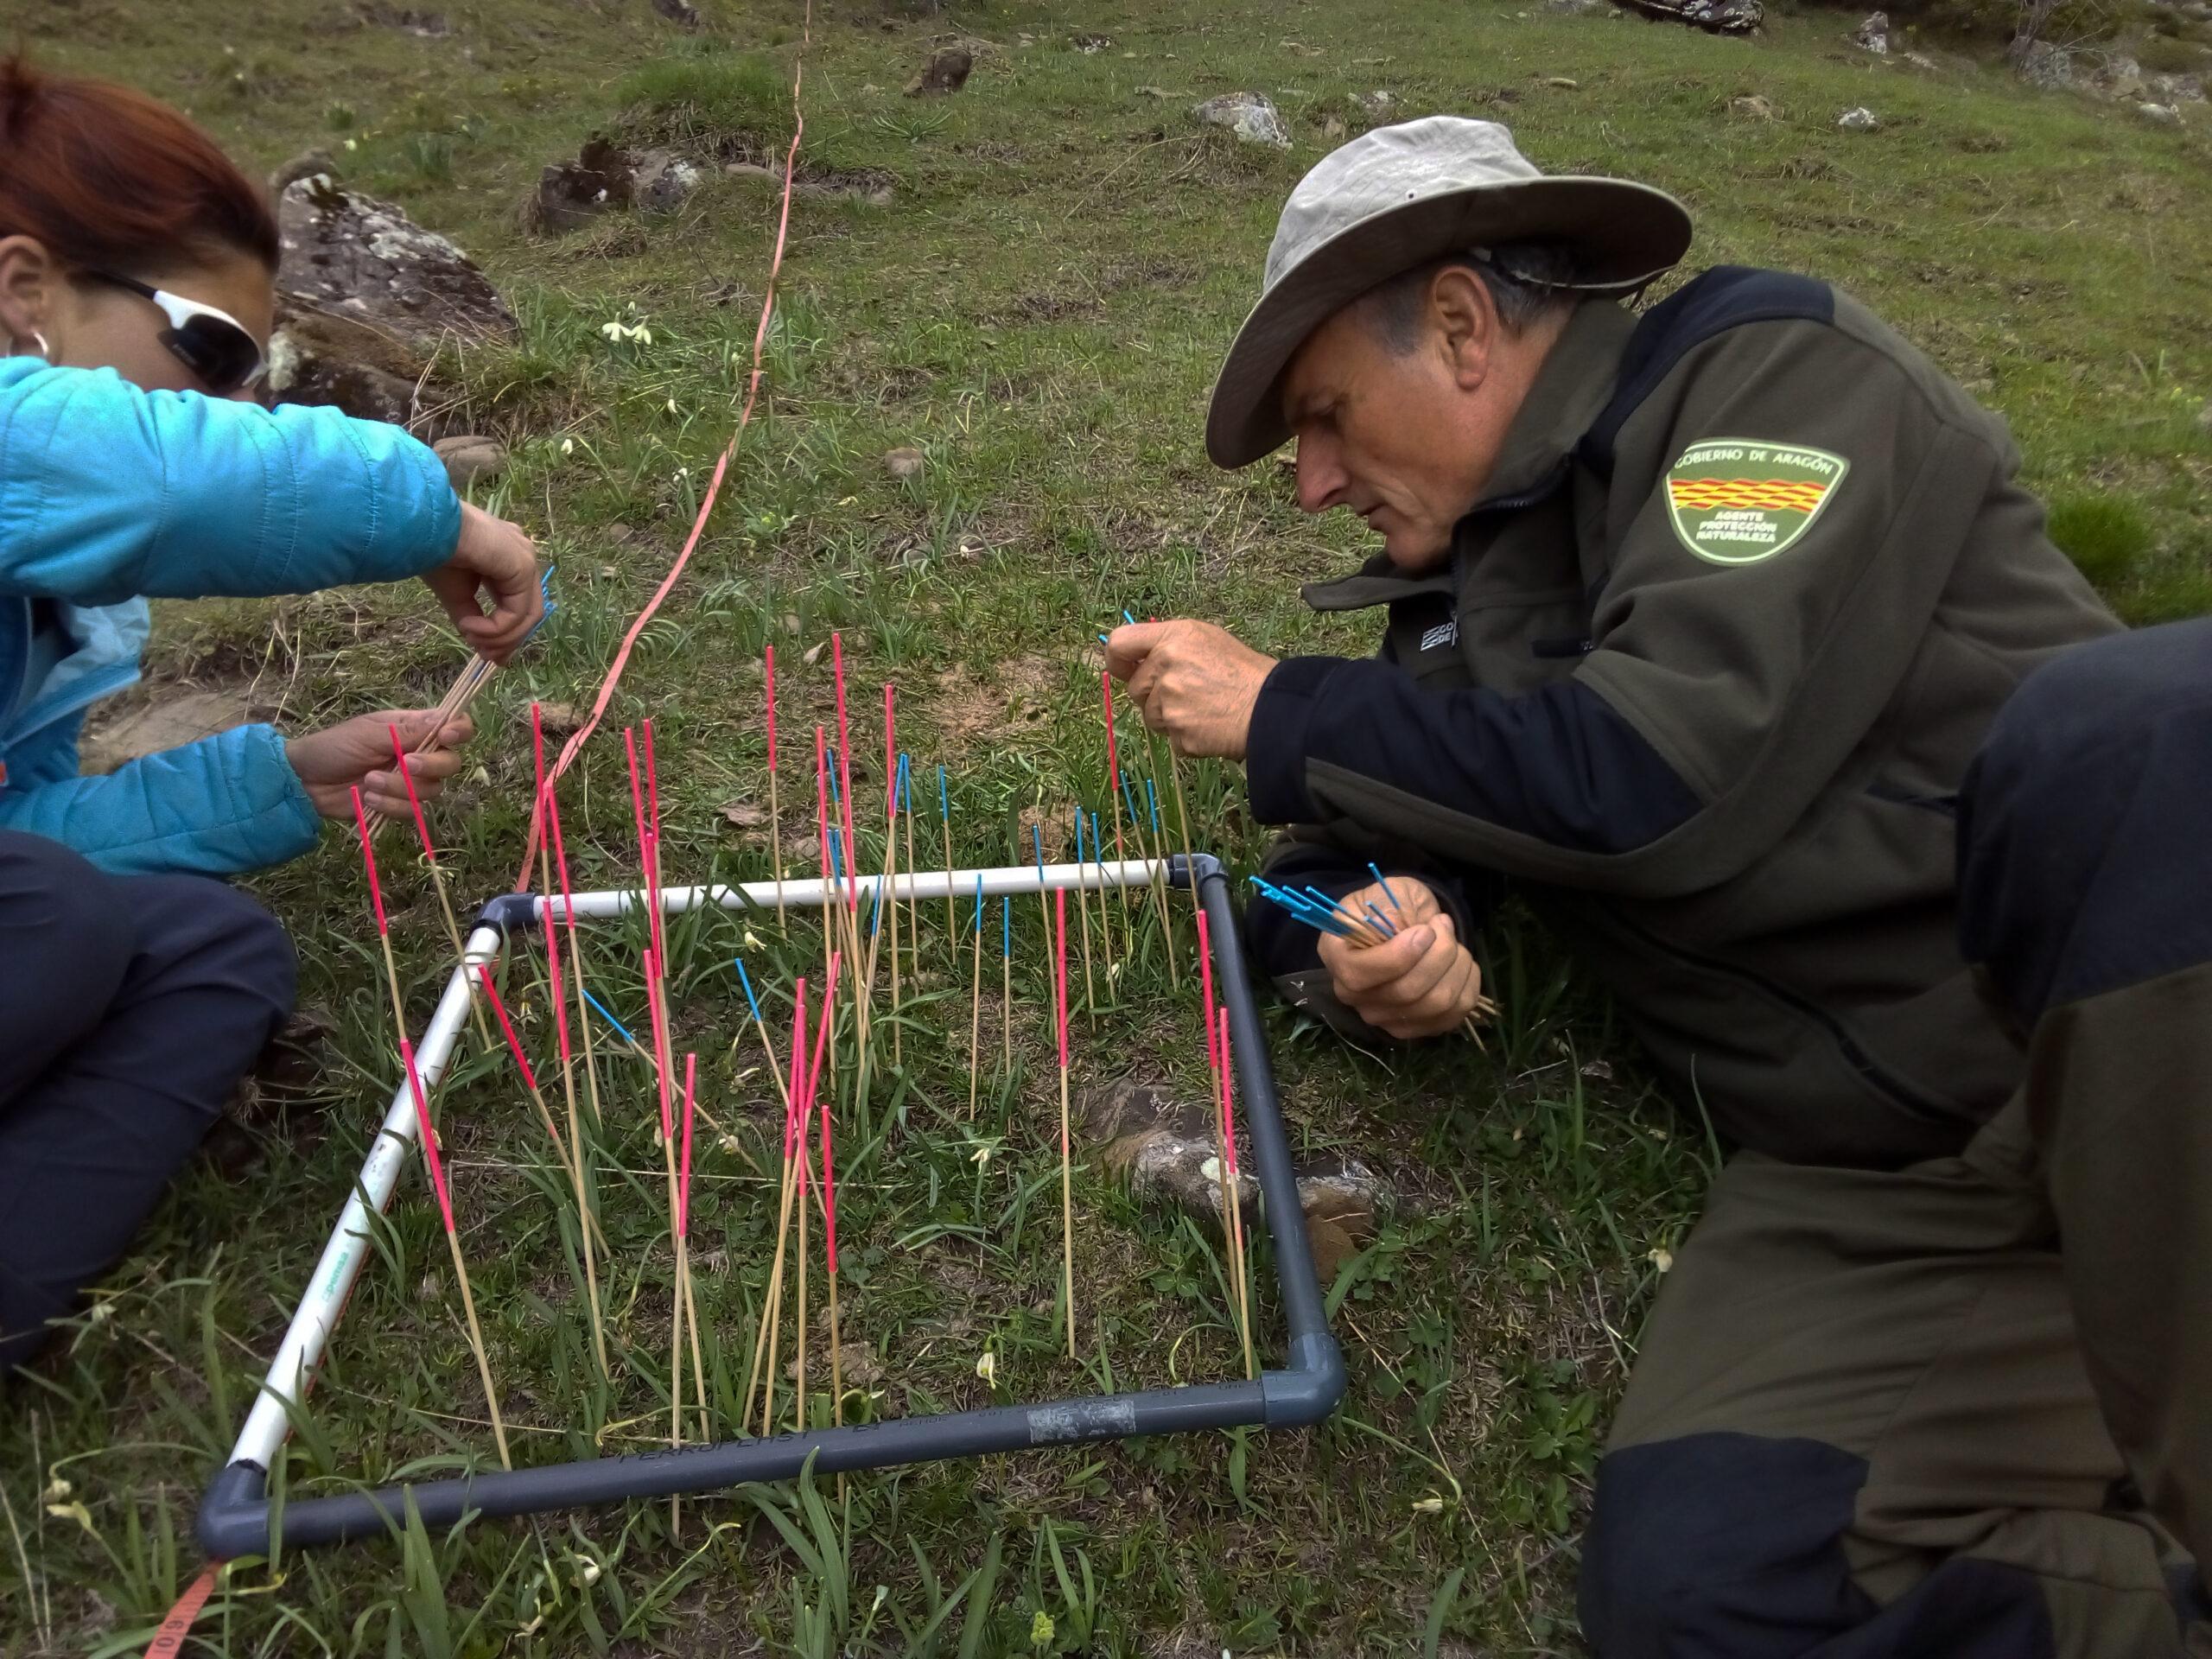 Voluntaria del programa y Agente para la Protección de la Naturaleza realizando una monitorización de Galanthus nivalis